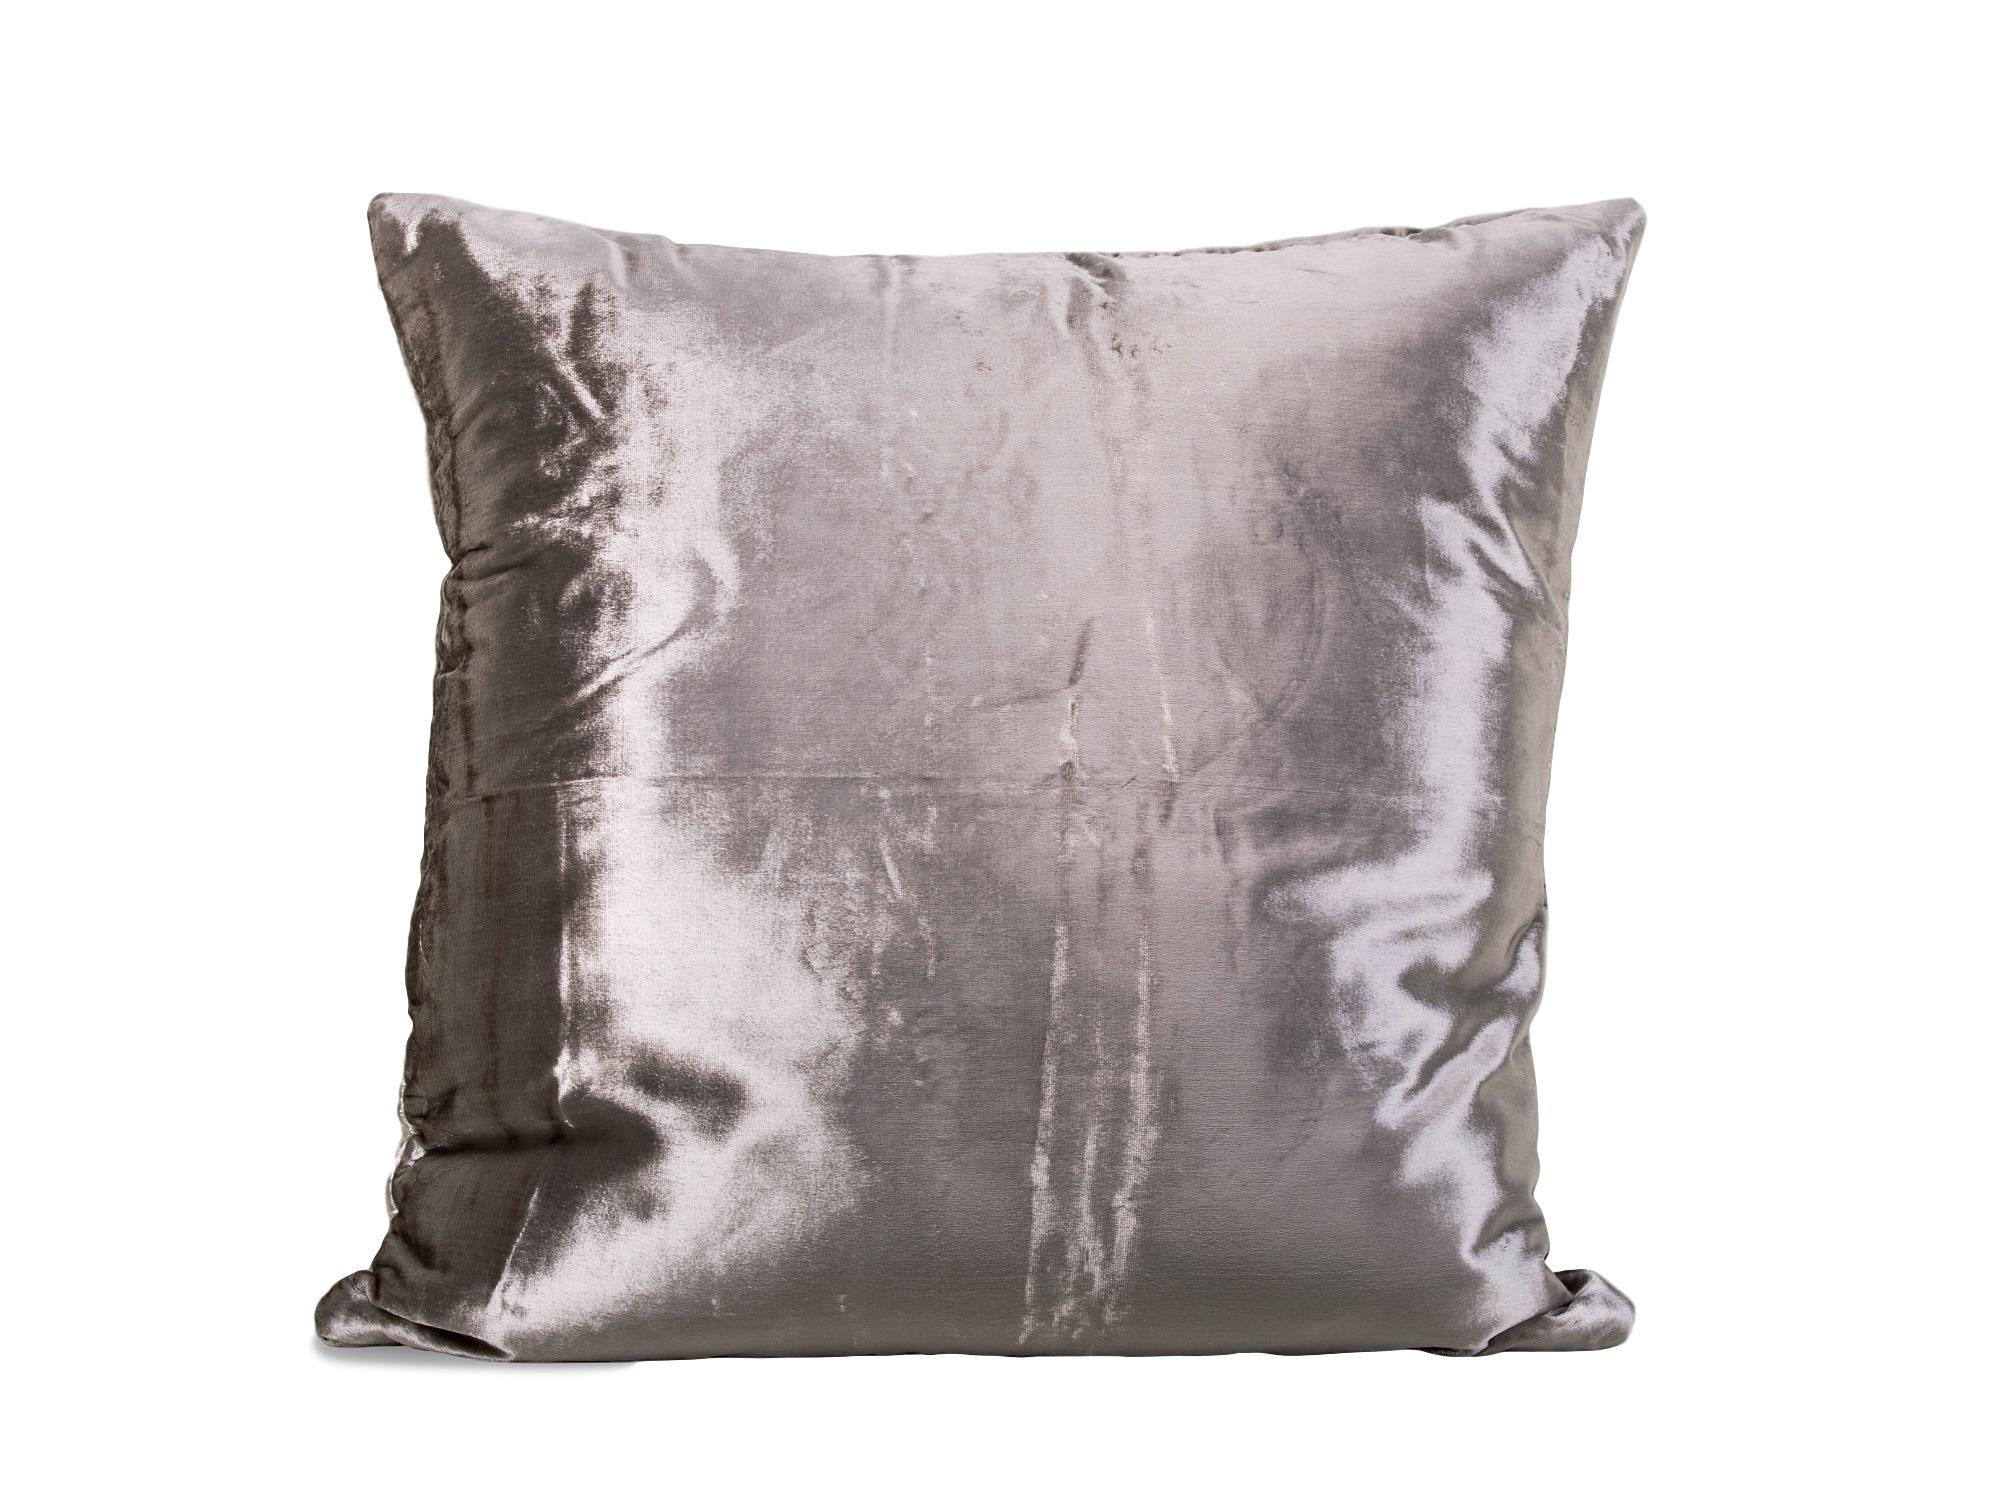 Подушка МеталликКвадратные подушки<br>Чехлы для подушек от датского дизайнера Annette Egholm.<br><br>Material: Текстиль<br>Width см: 60<br>Depth см: 10<br>Height см: 60